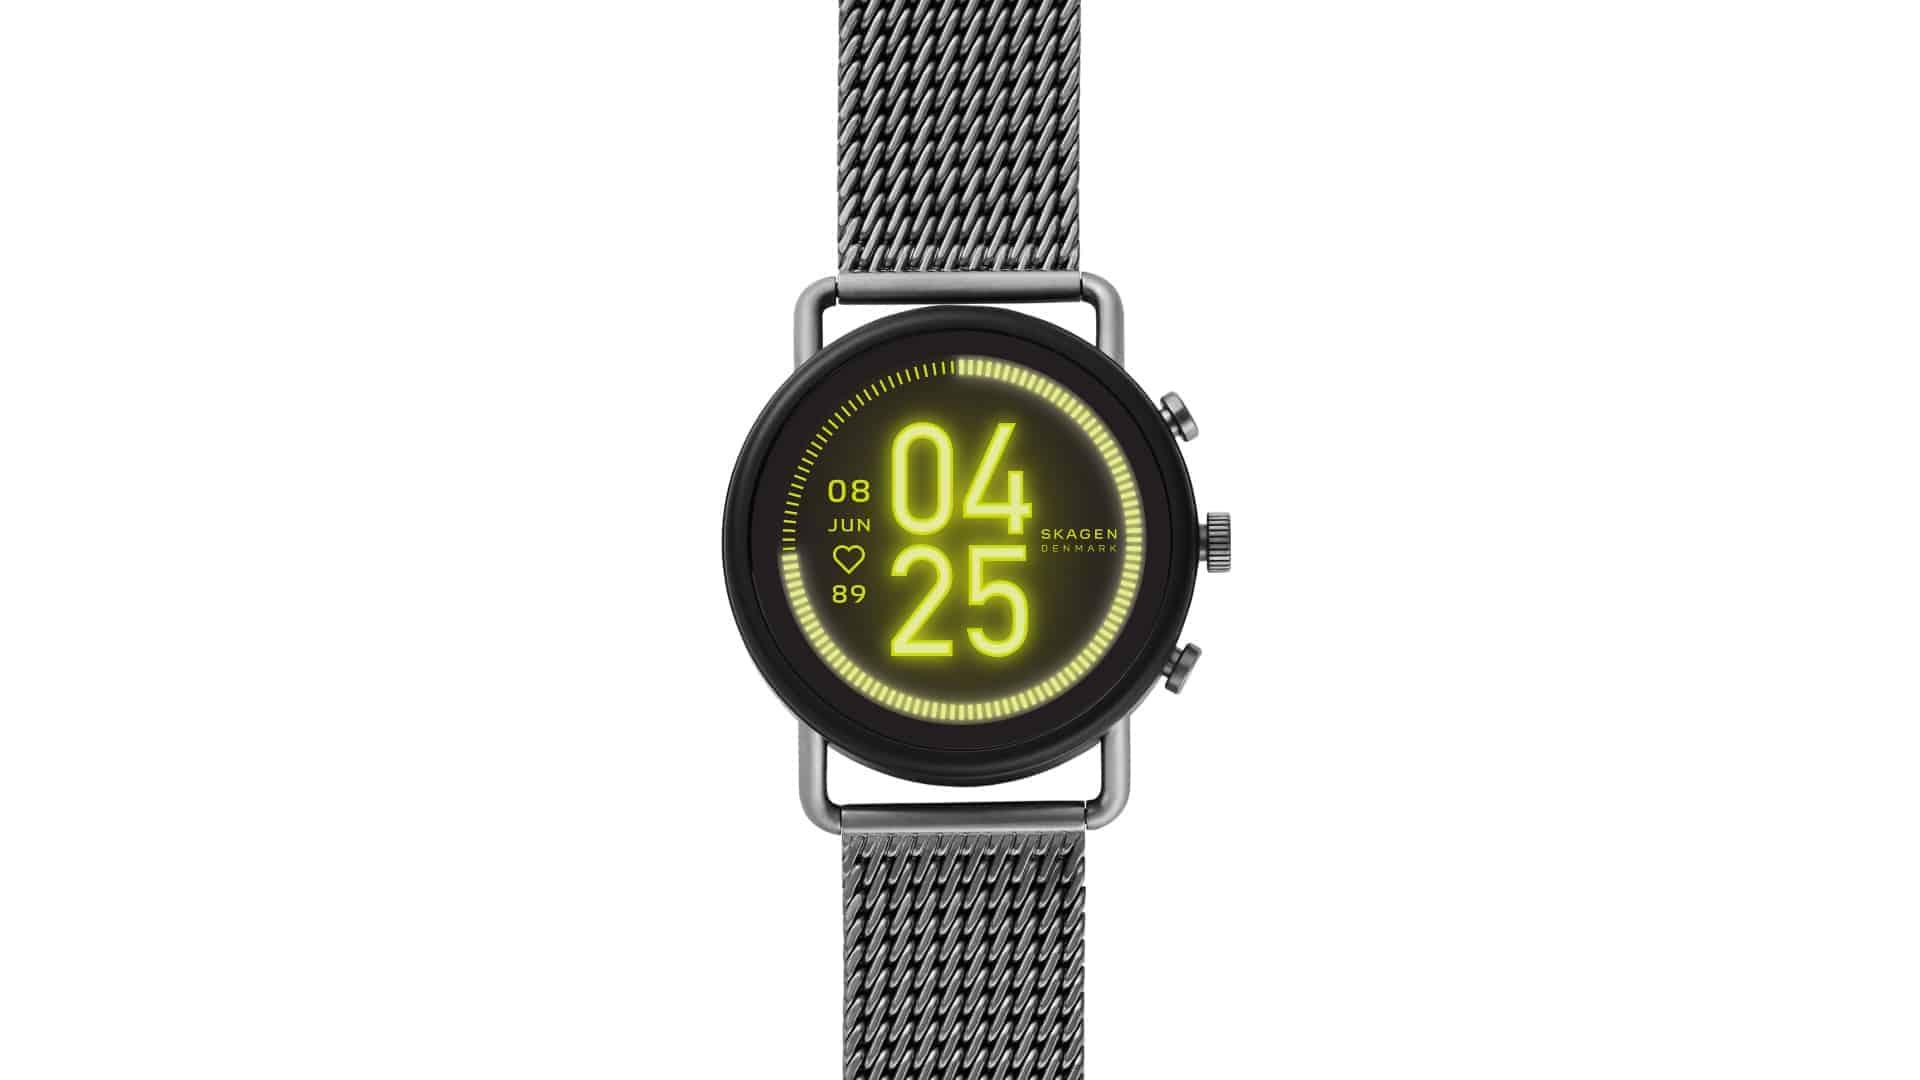 SKAGEN Falster 3 Wear OS Watch 4